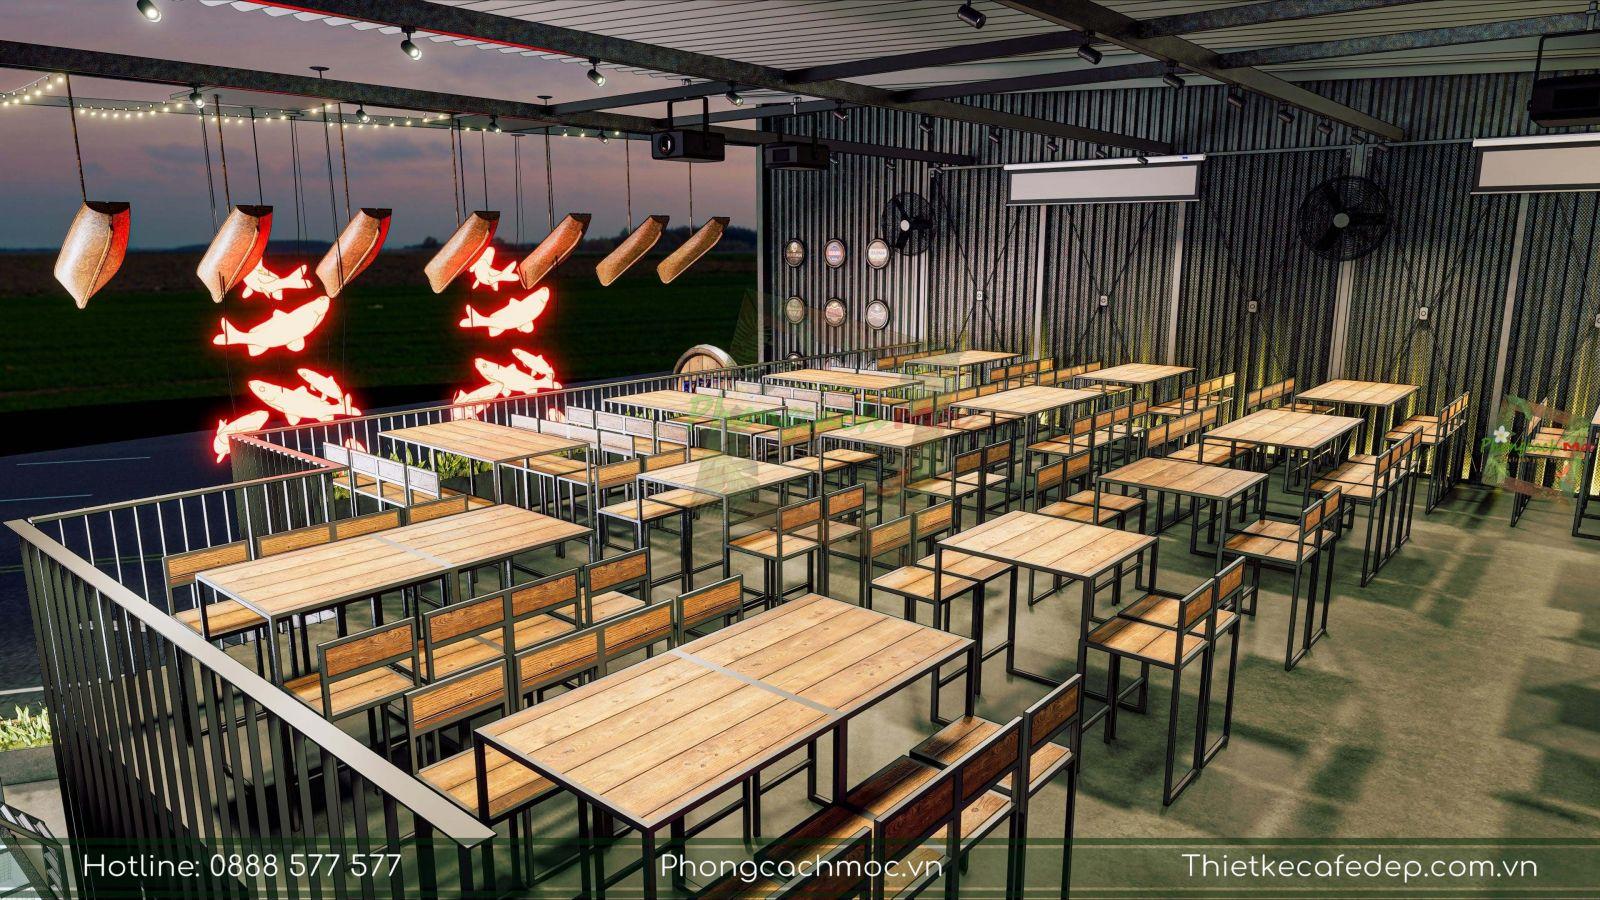 thiết kế sử dụng bàn ghế gỗ khung sắt cho nhà hàng